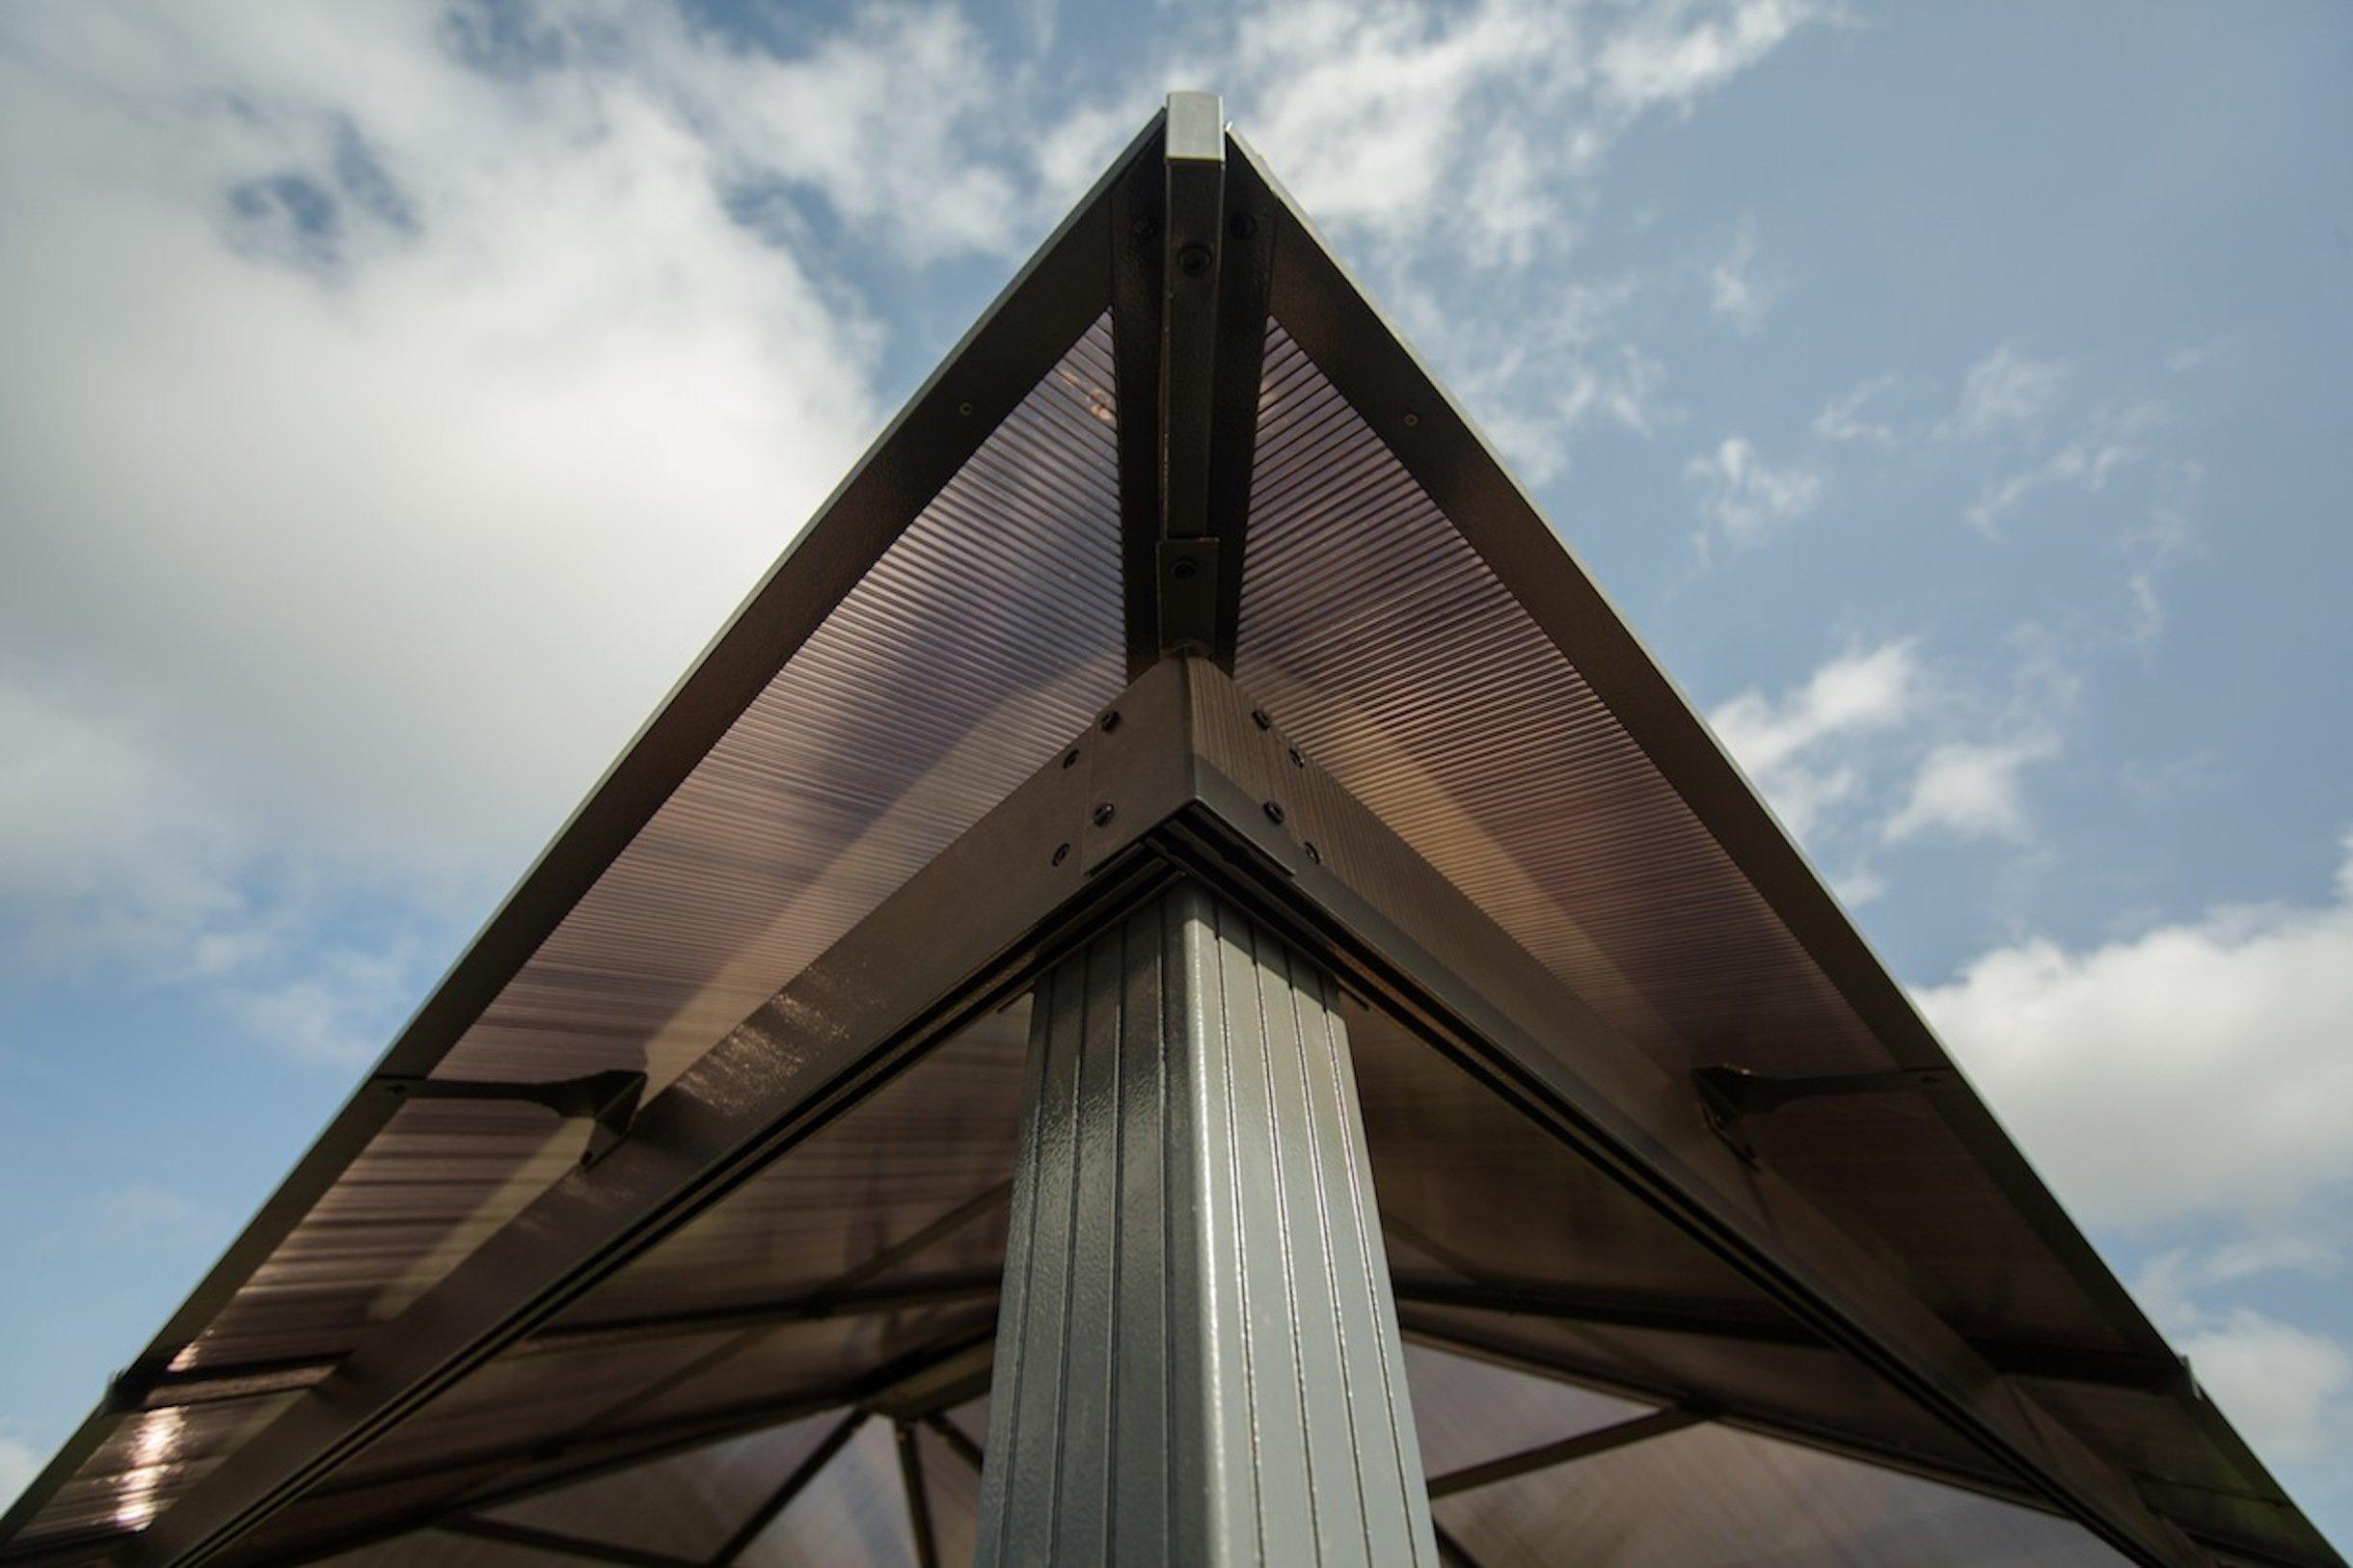 SYSTEMS TRADING CORP STC – Cenador de Madrid, 10 por 13-Feet: Amazon.es: Jardín